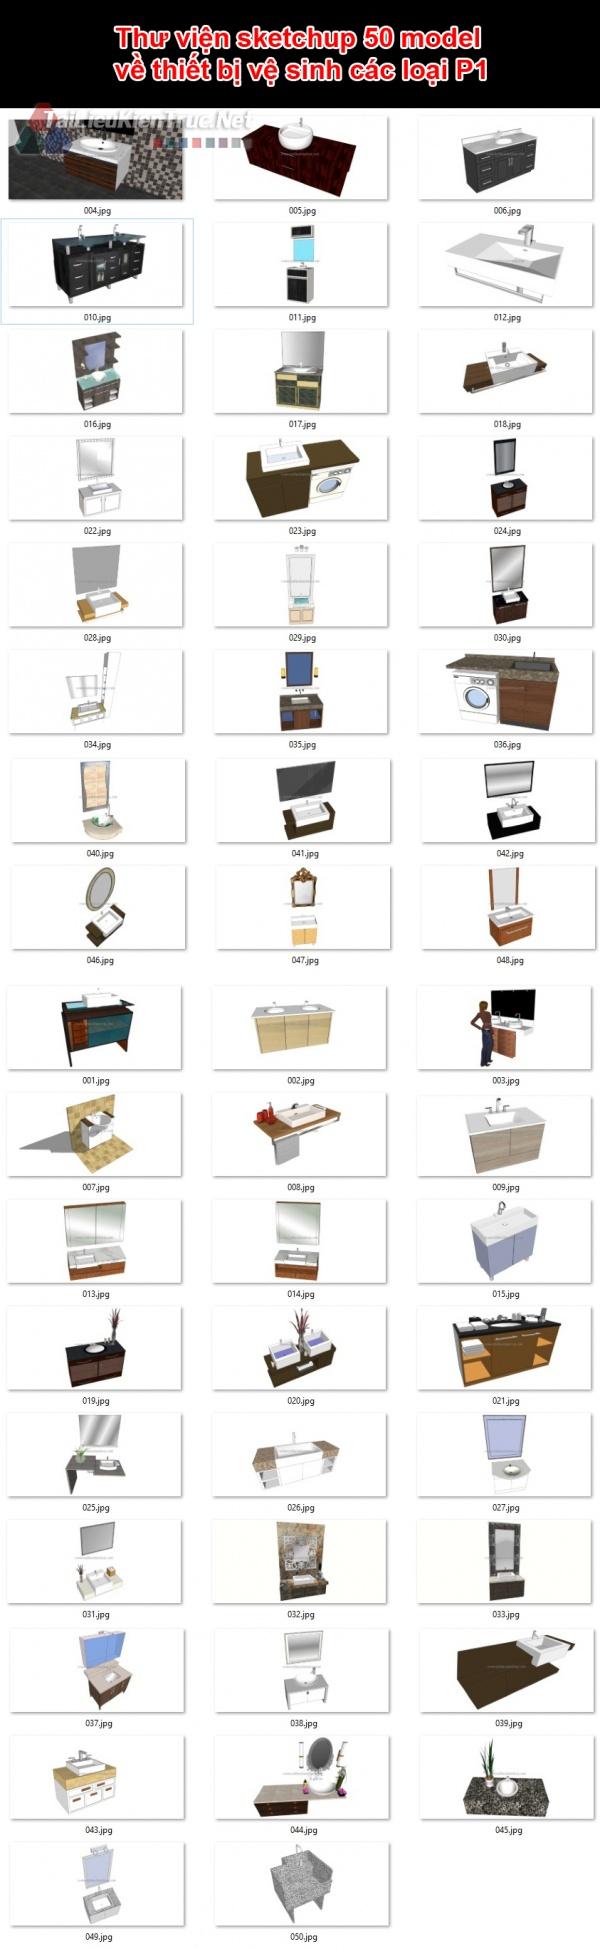 Thư viện sketchup 50 model về thiết bị vệ sinh các loại P1